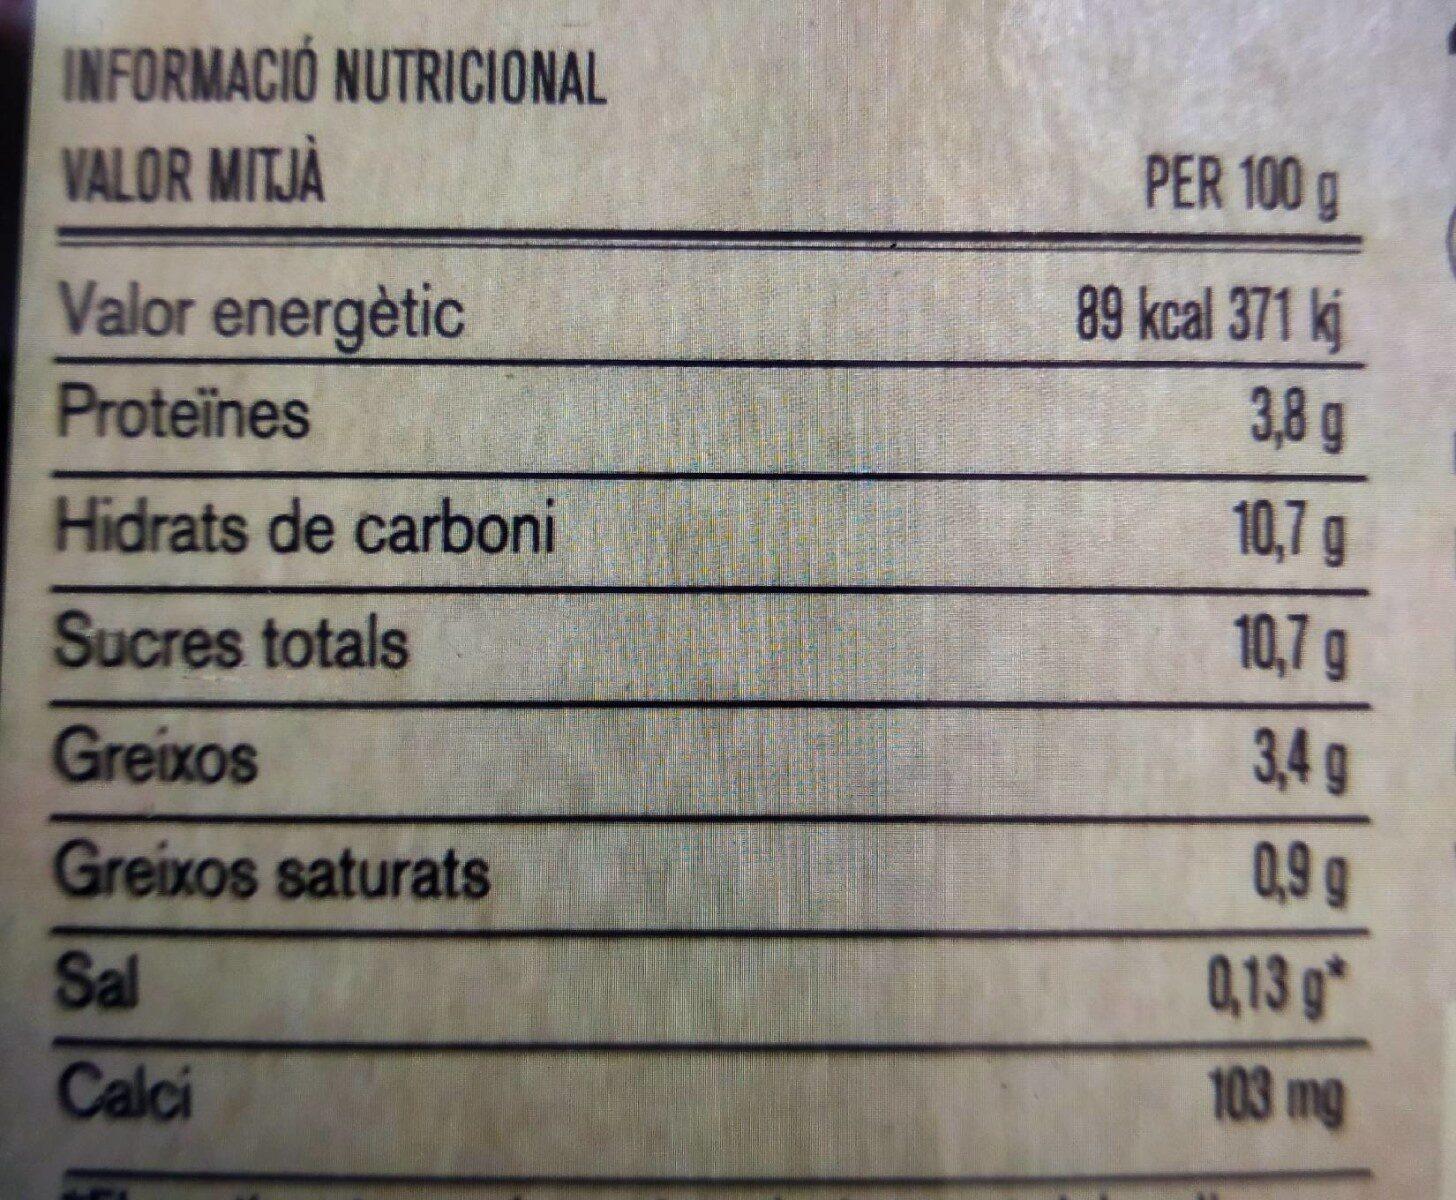 Iogurt Llimona - Información nutricional